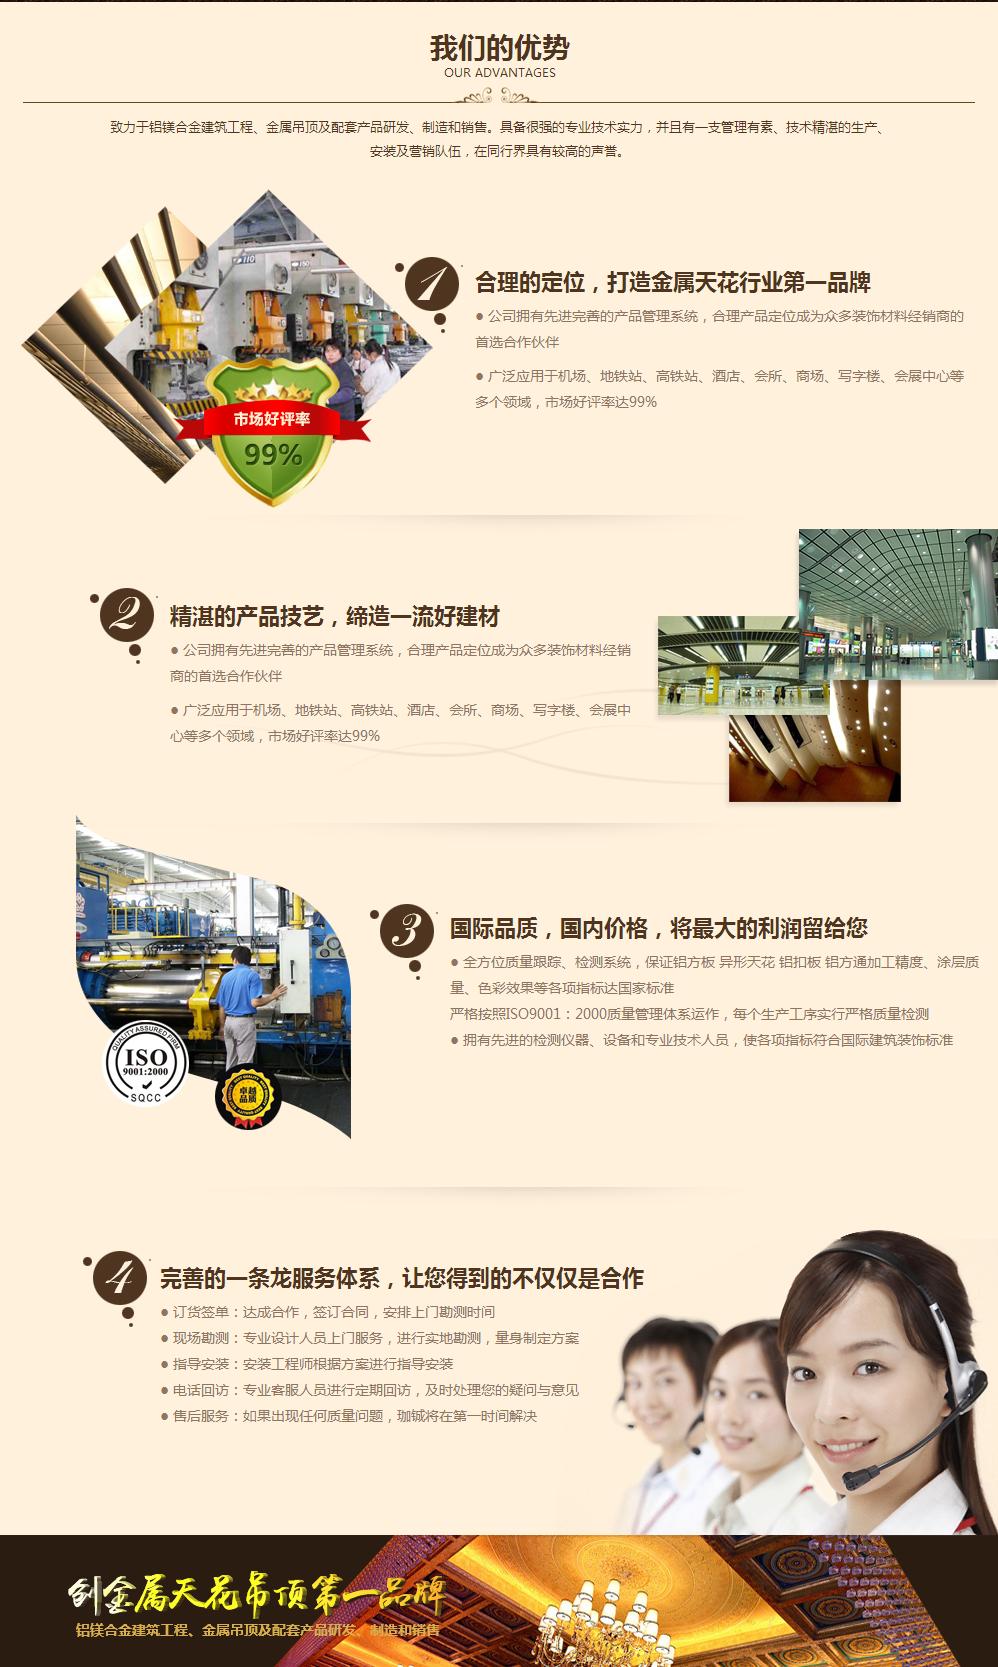 http://files.b2b.cn/skin/2015/0402/ea9032c0bd6b32f40077c74ab9a1cc6e.png图片